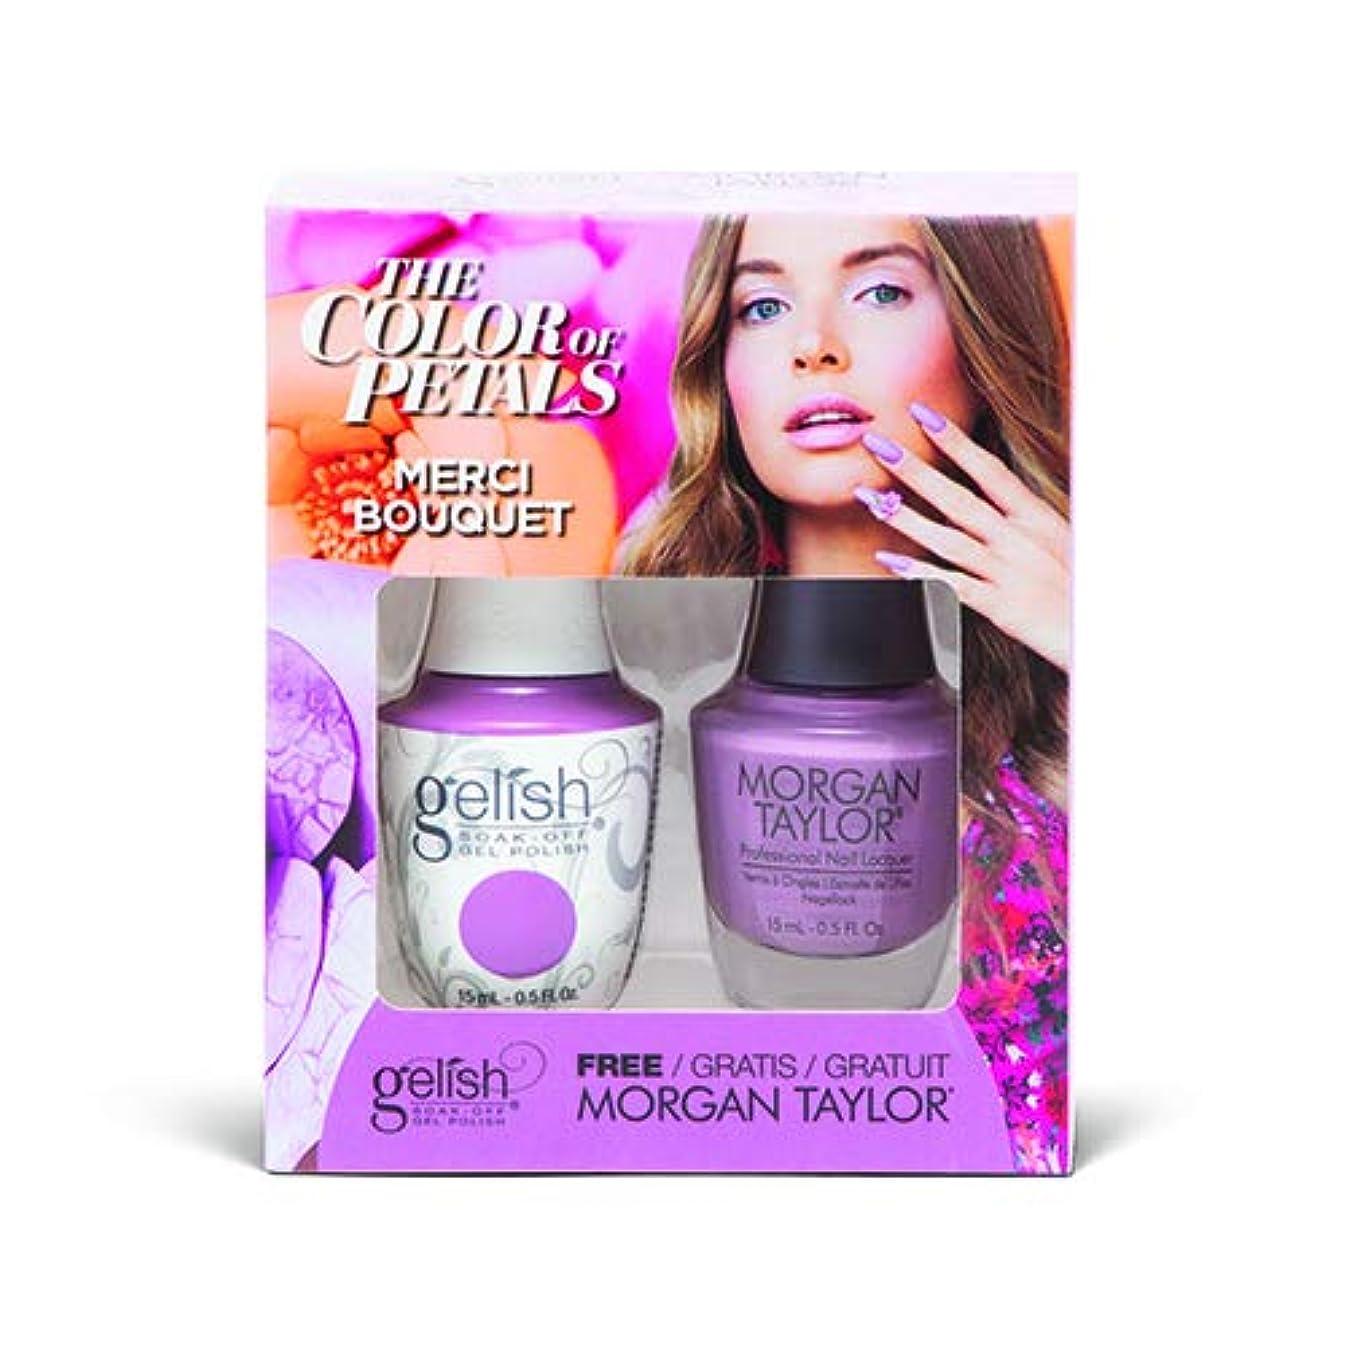 気難しい非難する慣性Harmony Gelish - Two Of A Kind - The Color Of Petals - Merci Bouquet - 15 mL / 0.5 Oz